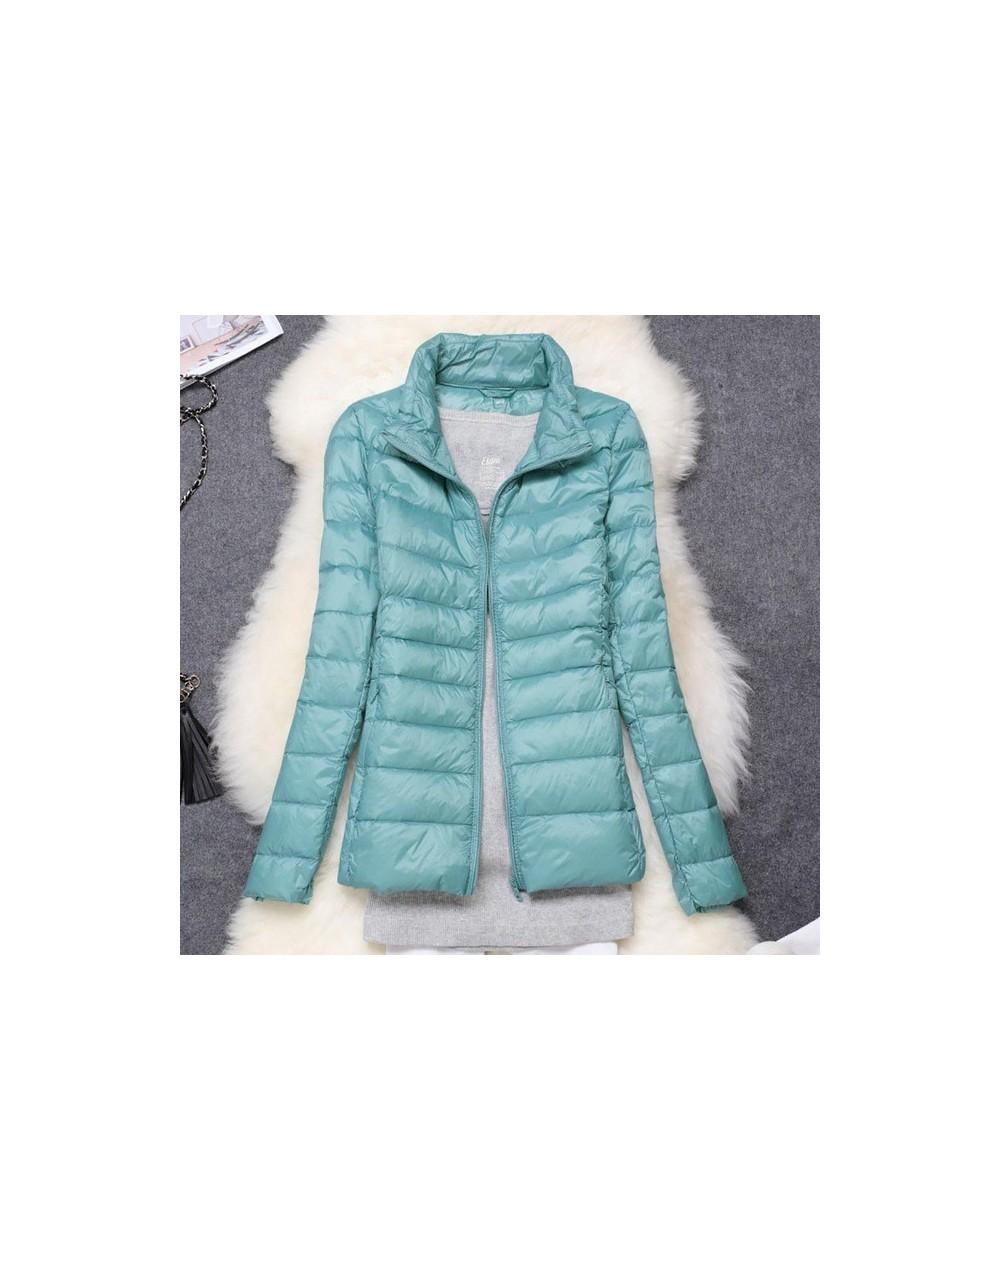 Plus Size 5XL 6XL 7XL Women Winter Coat Ultra Light White Duck Down Jacket Slim Spring Women Warm Jacket Windproof Down Coat...